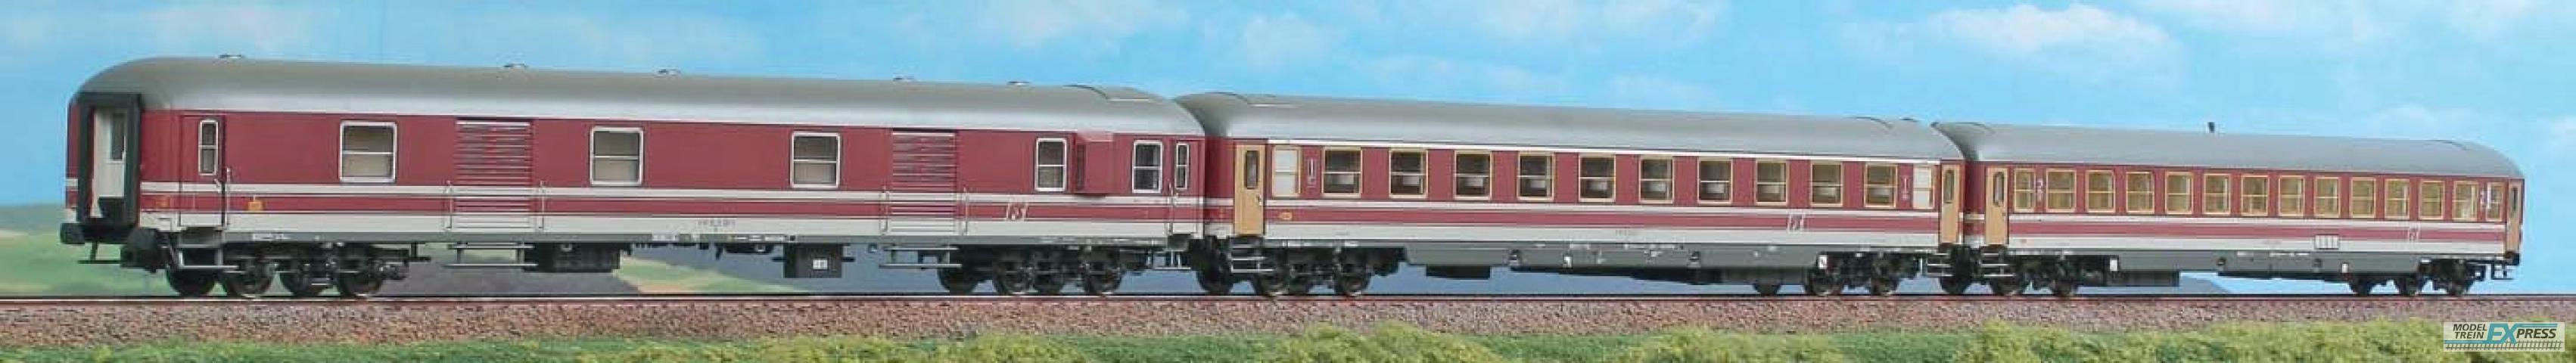 ACME 55251